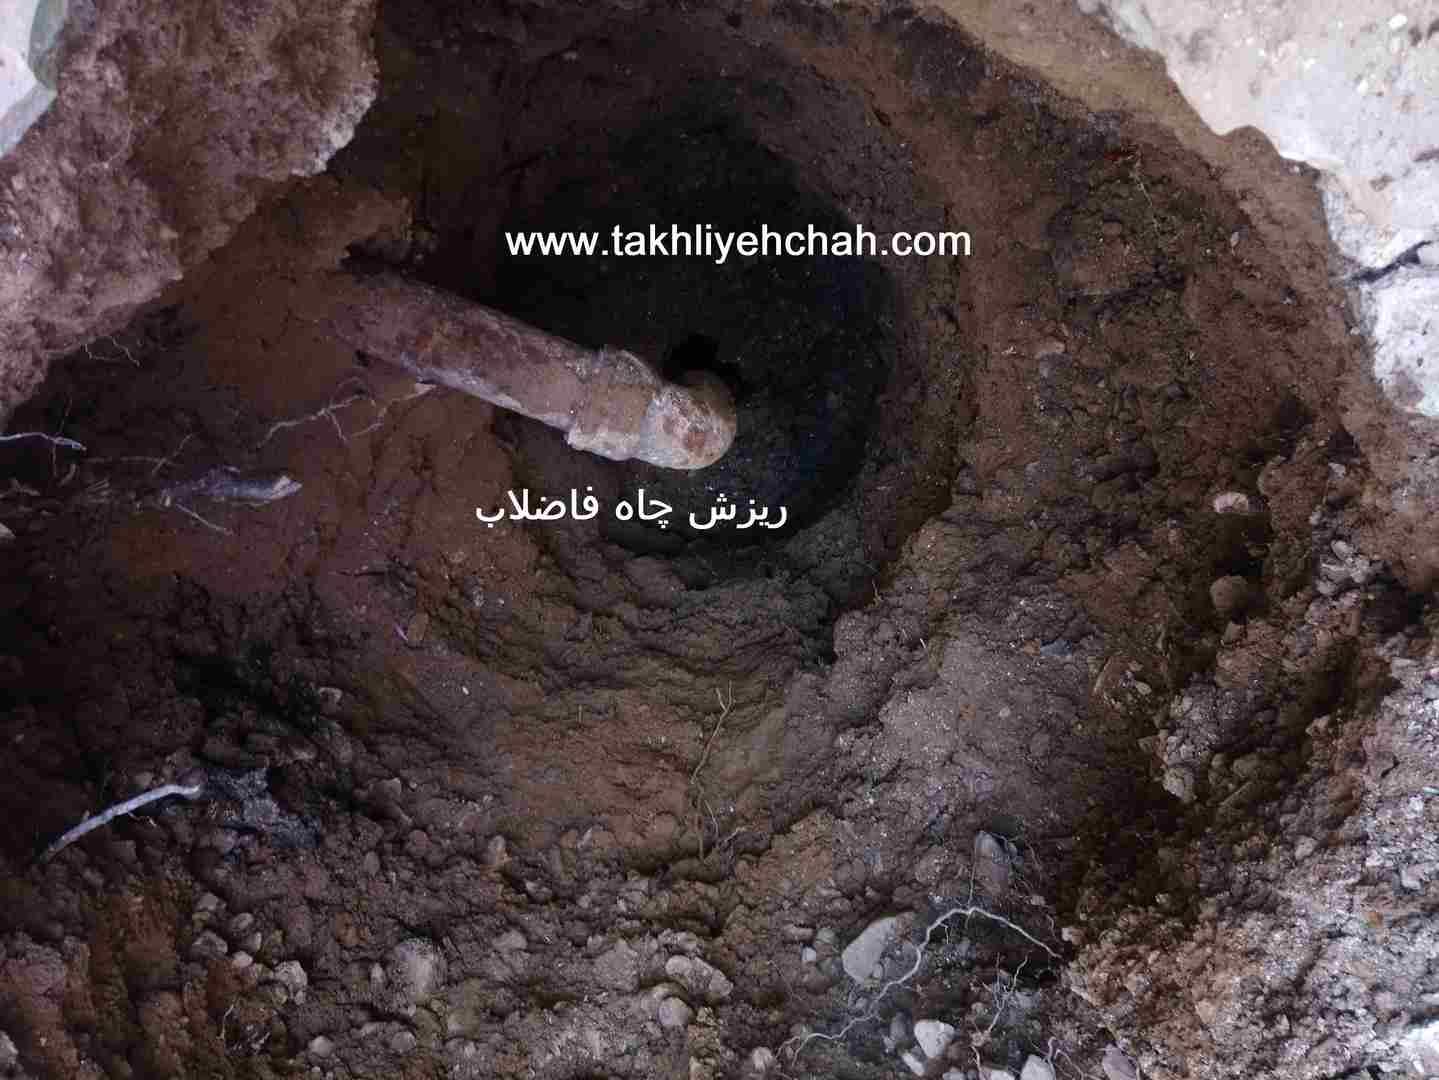 تعمیر چاه ریزشی فاضلاب